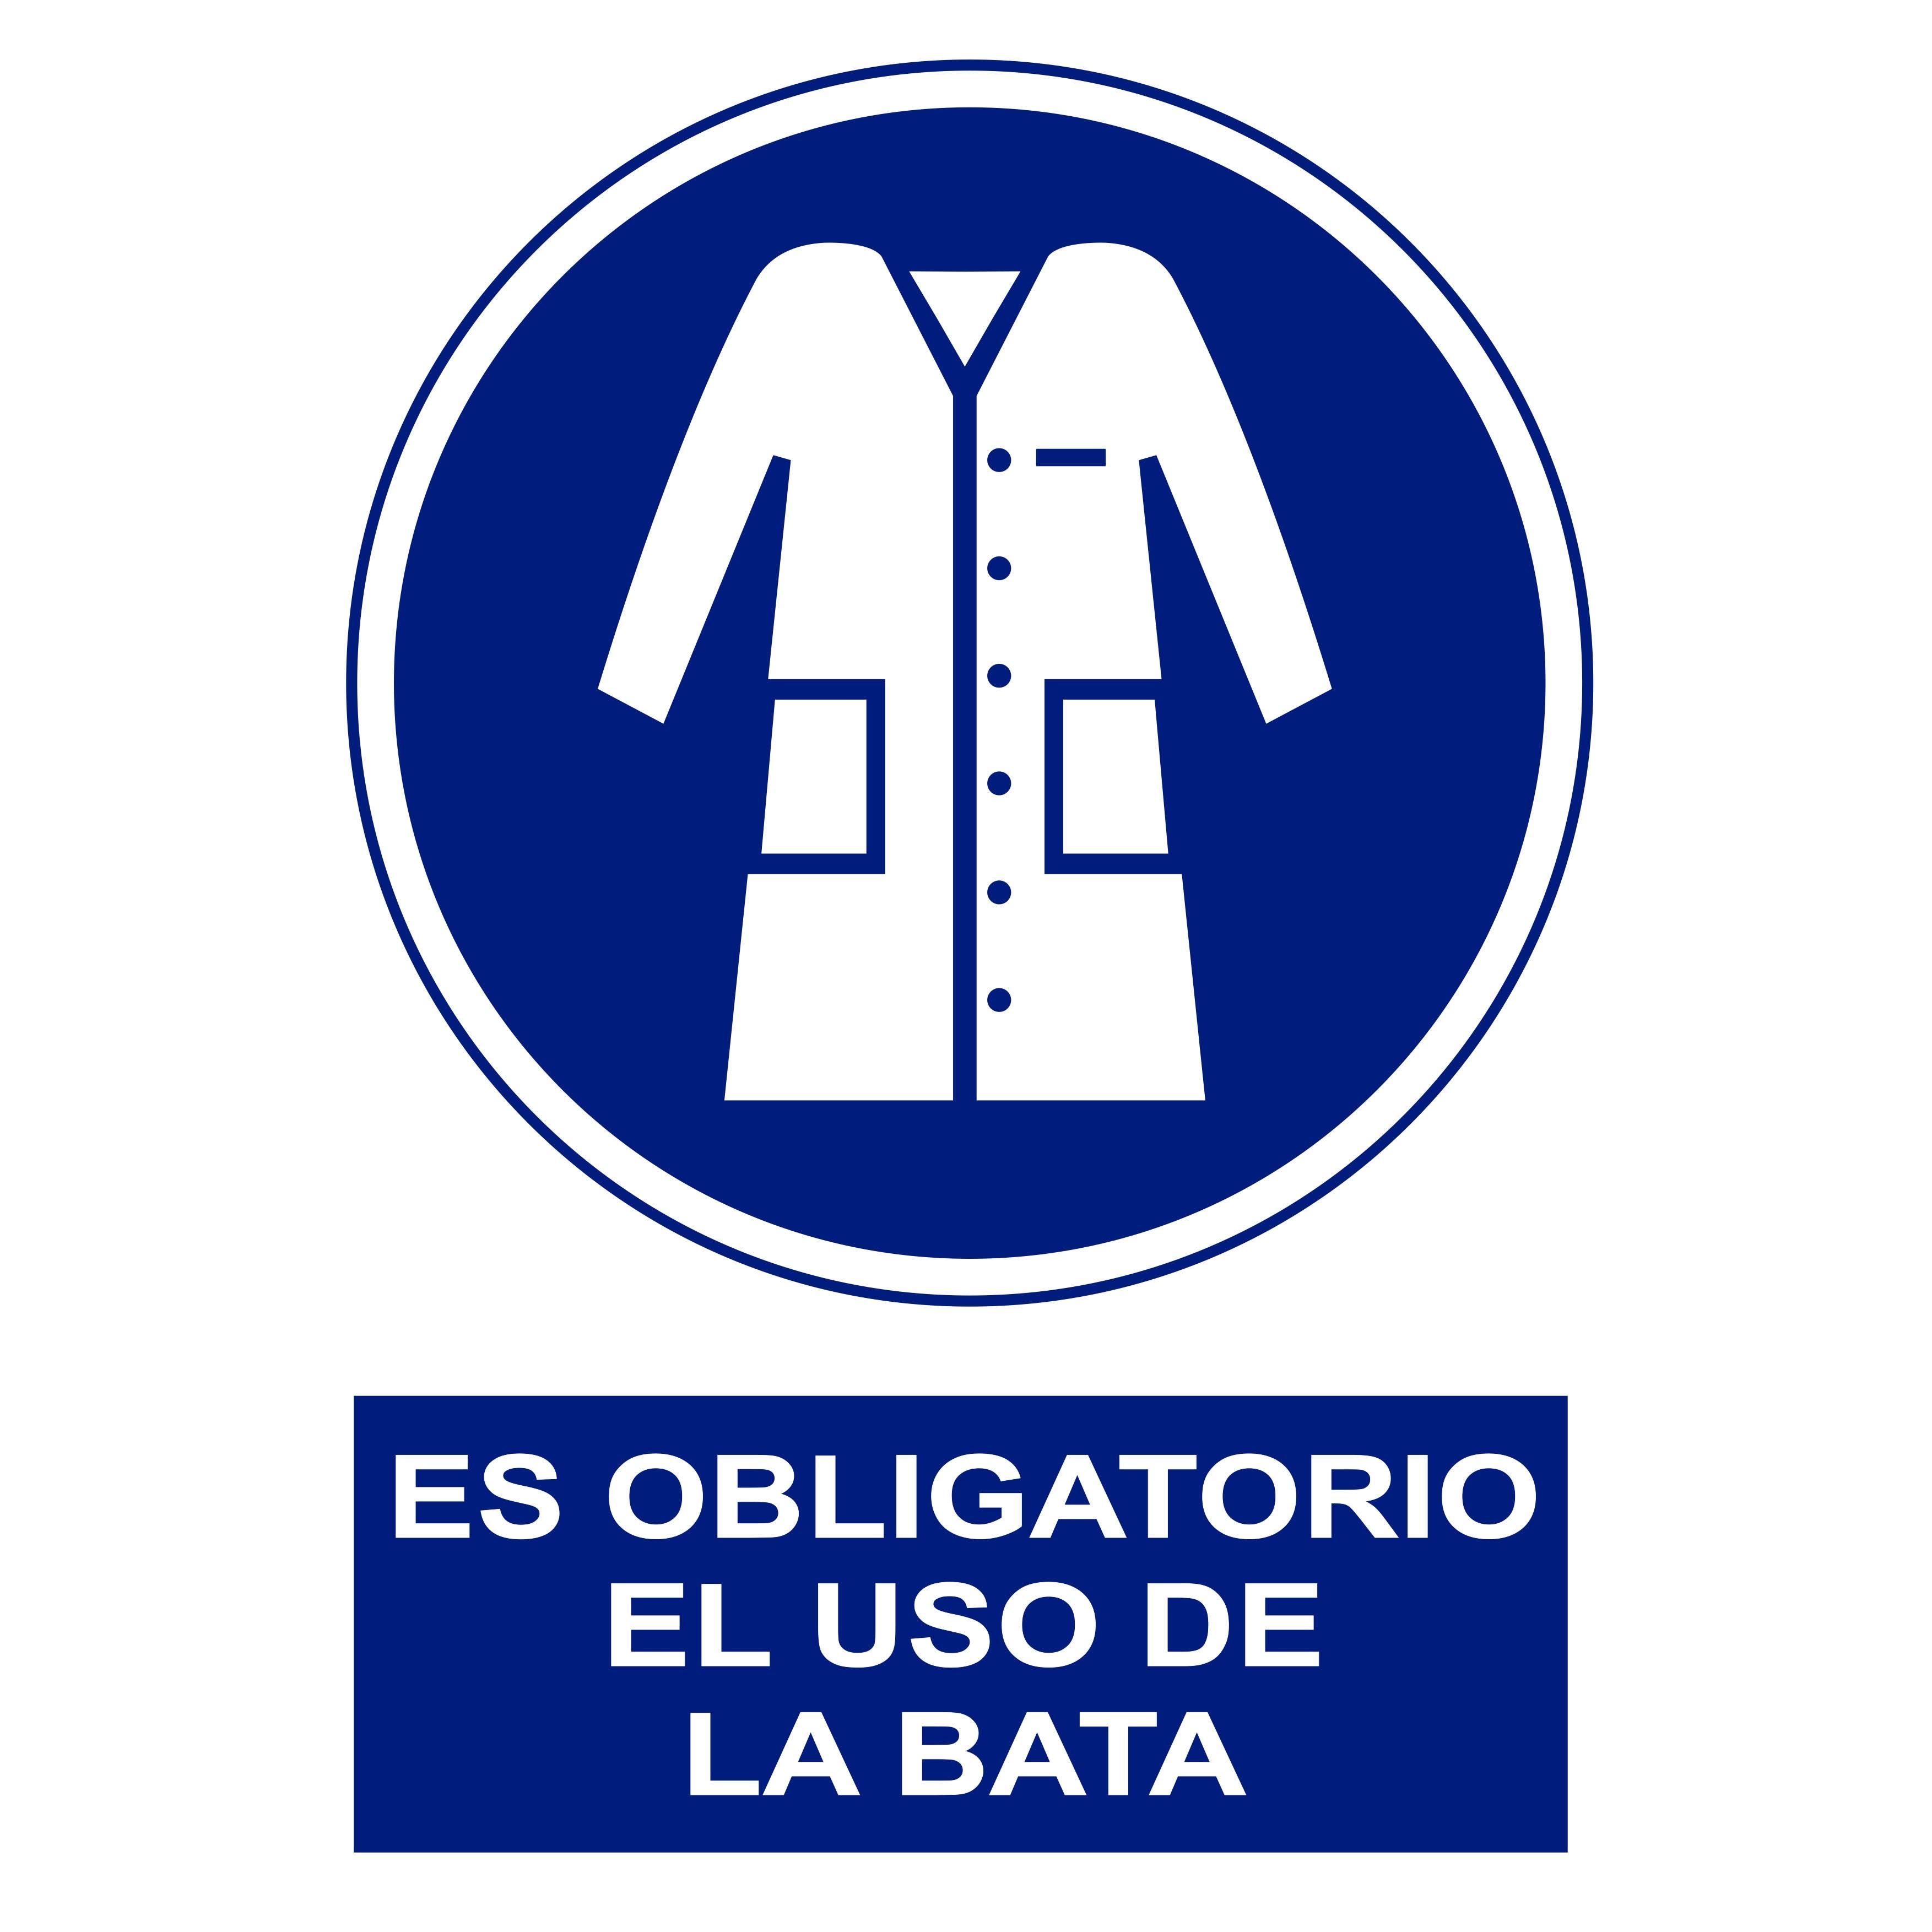 Señal ES OBLIGATORIO EL USO DE LA BATA